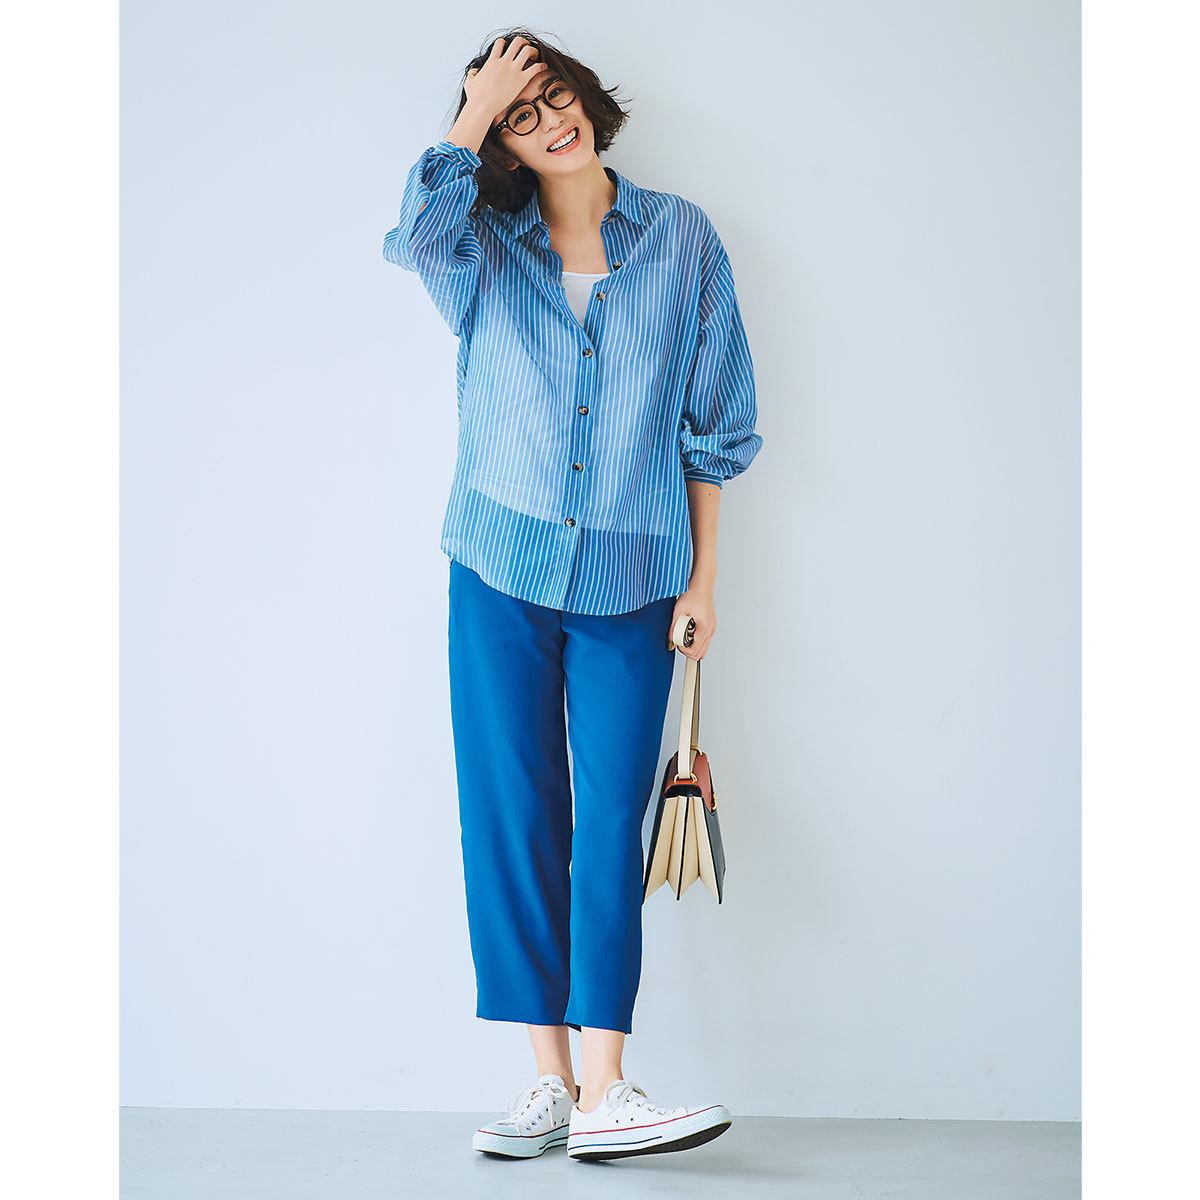 ■透け感素材のシャツ×カラーパンツ×スニーカーコーデ